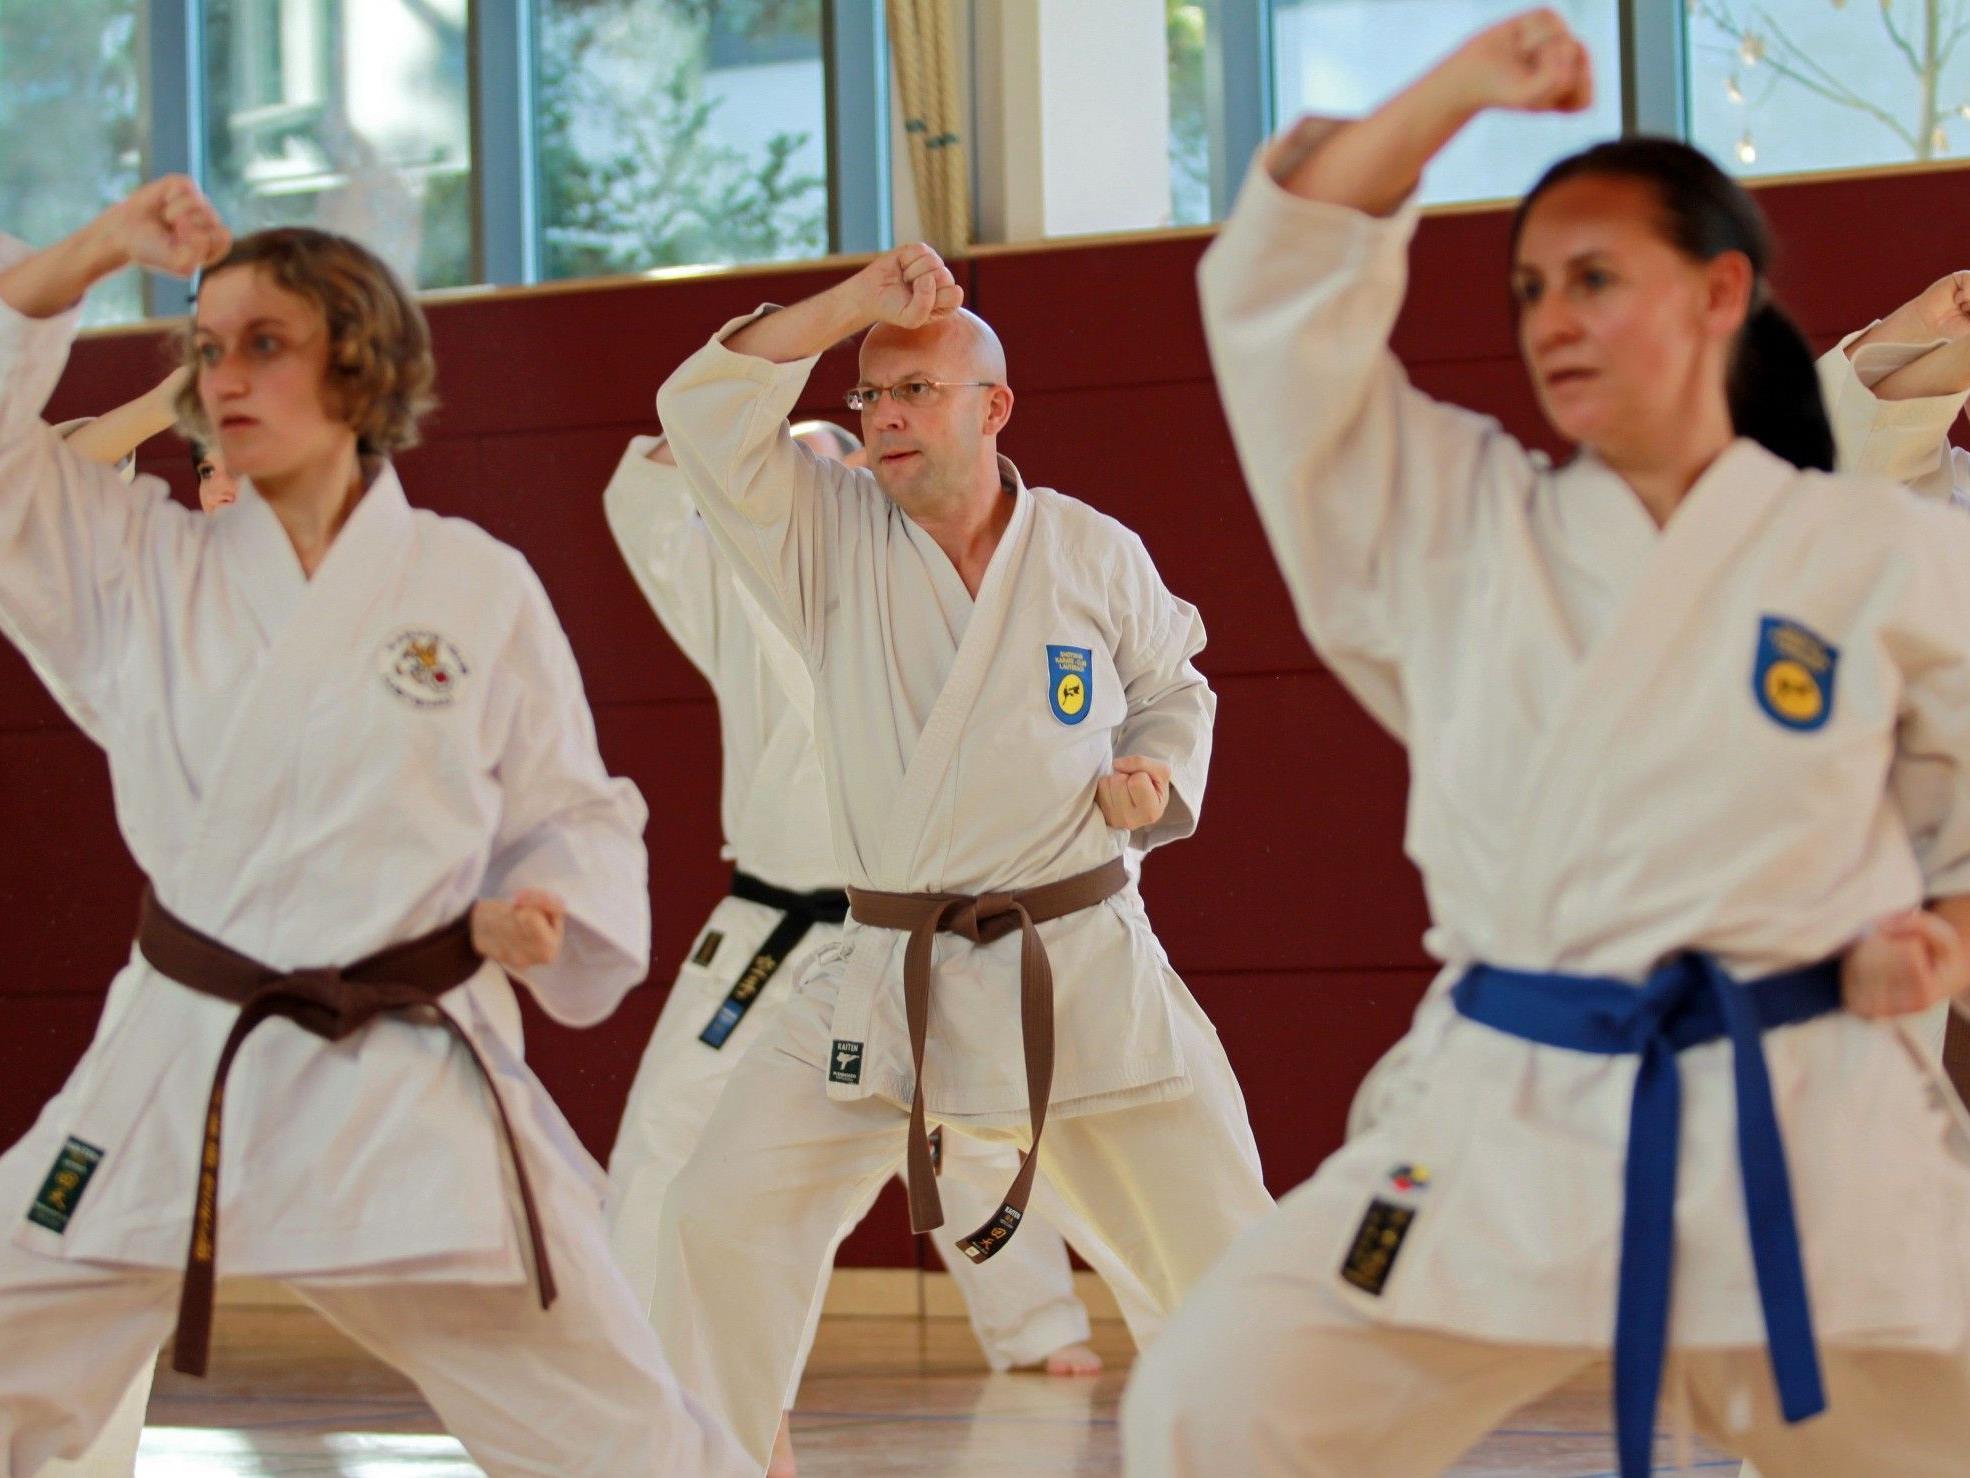 Einsteigerkurs zum Karate beginnt diese Woche in Lauterach.